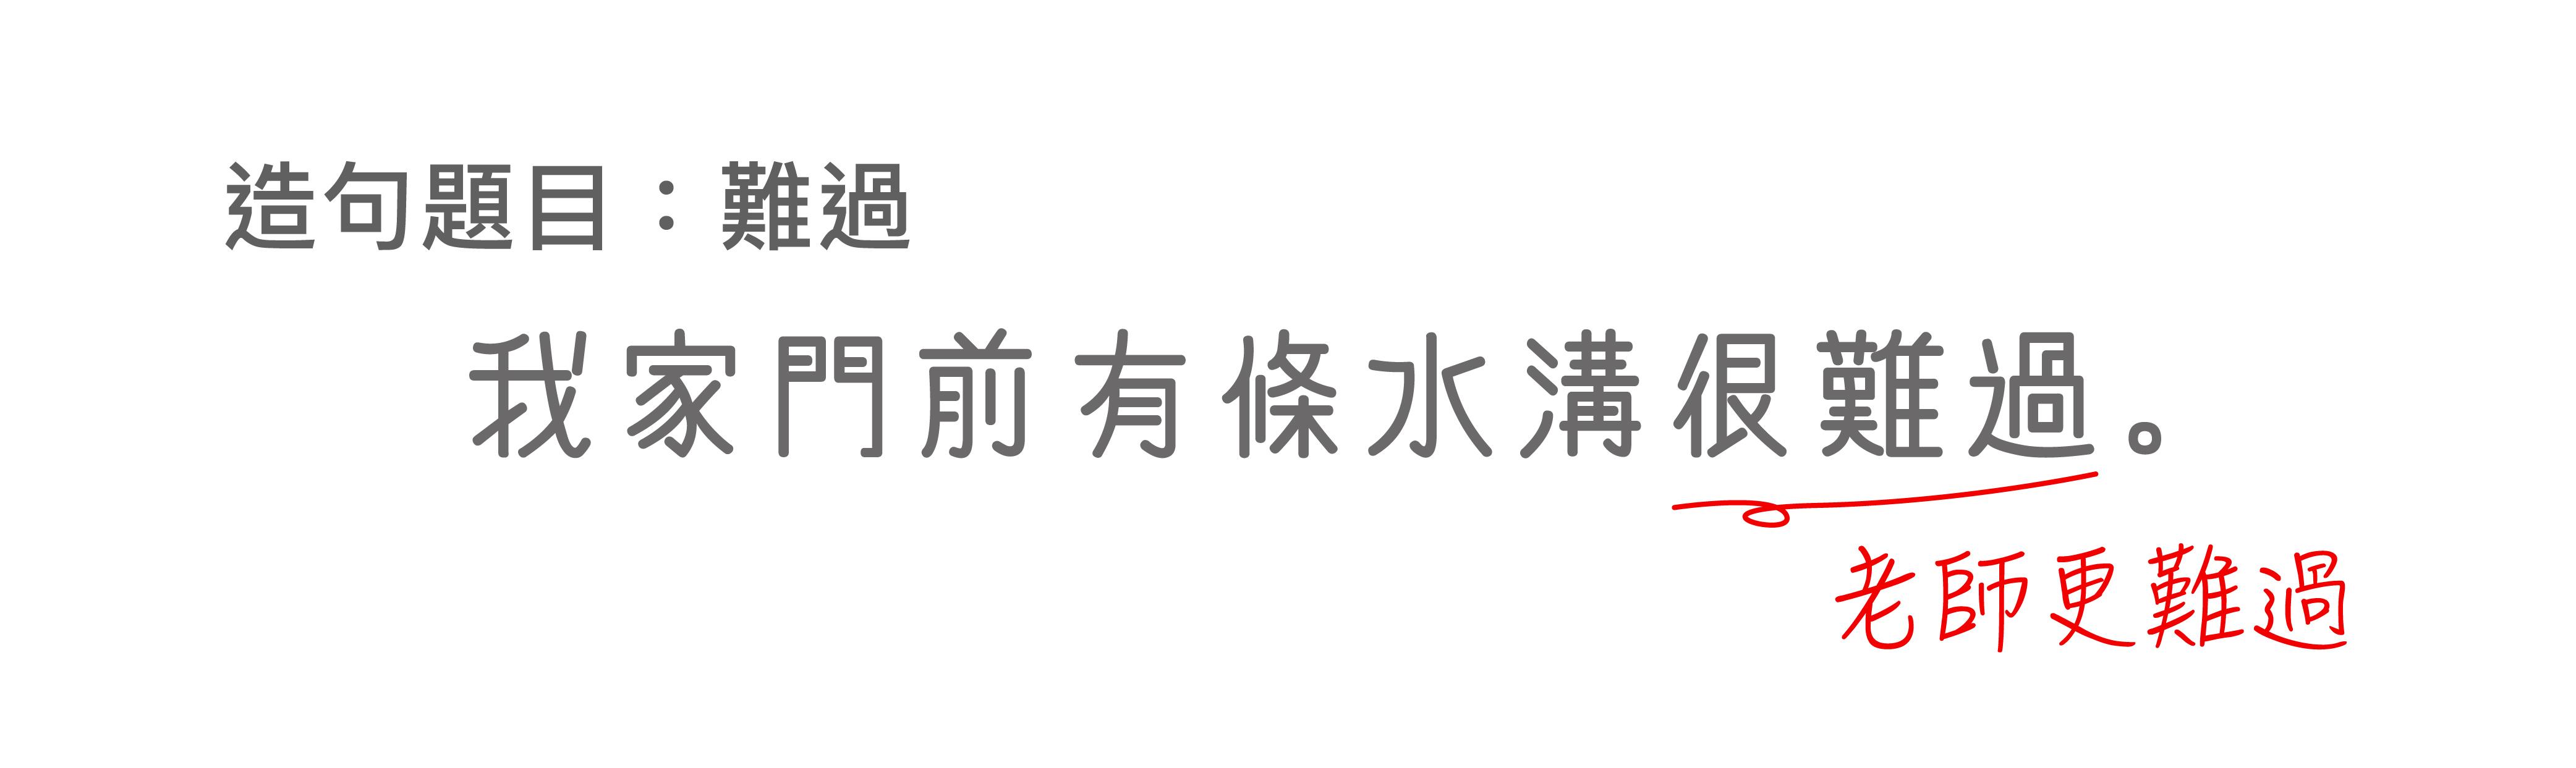 中文的詞沒有邊界,若誤解「詞的意思」與「句法結構」,會寫出這般造句練習。 圖│網路趣聞